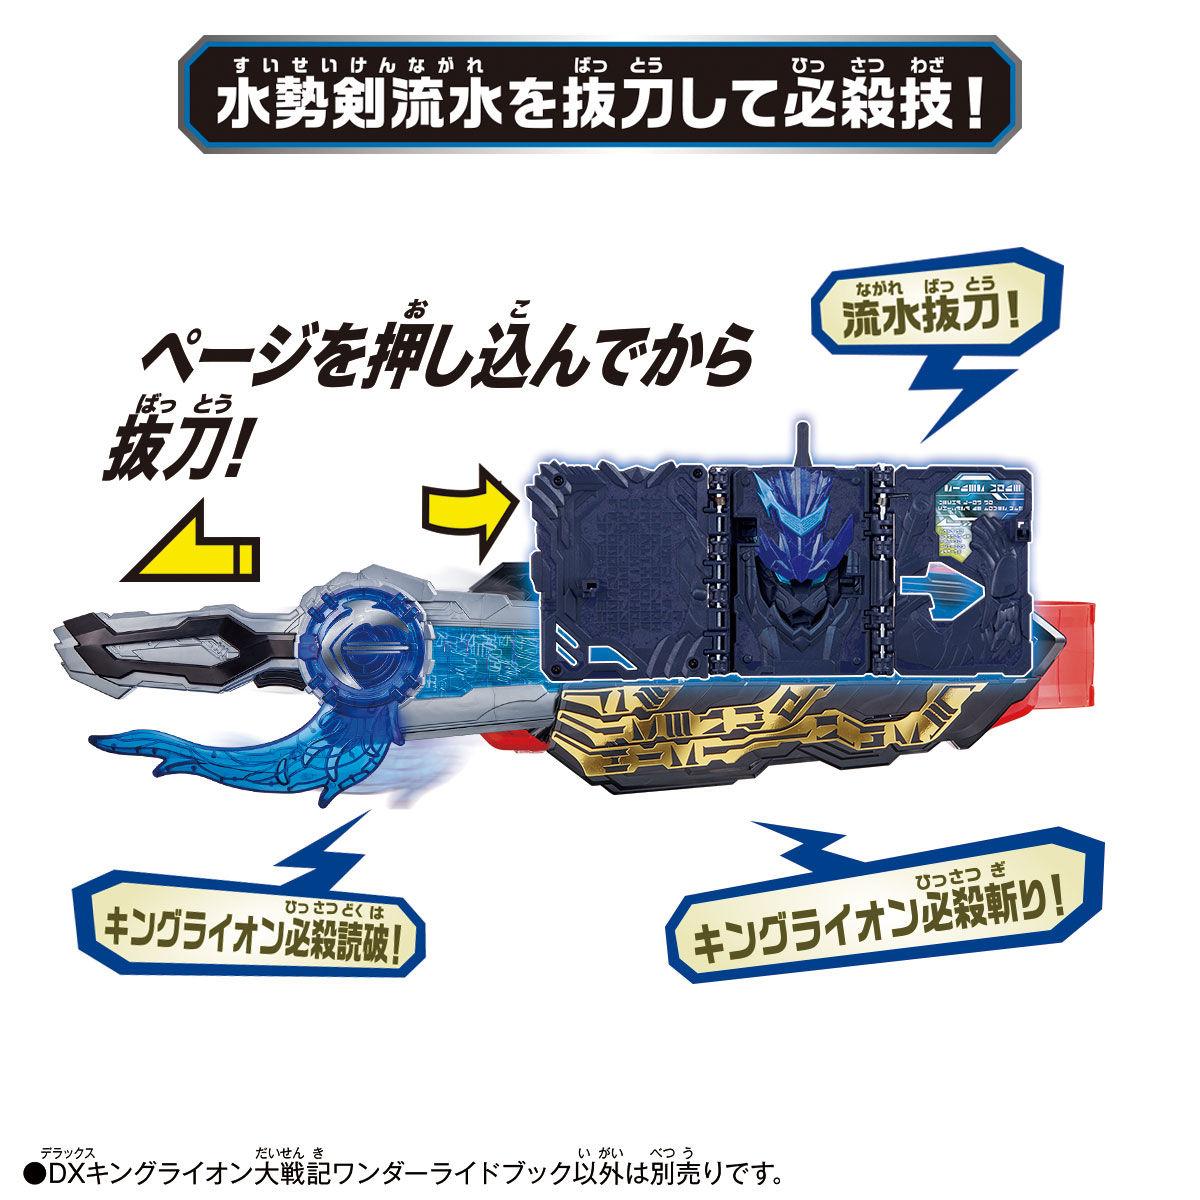 仮面ライダーセイバー『DXキングライオン大戦記ワンダーライドブック』変身なりきり-008